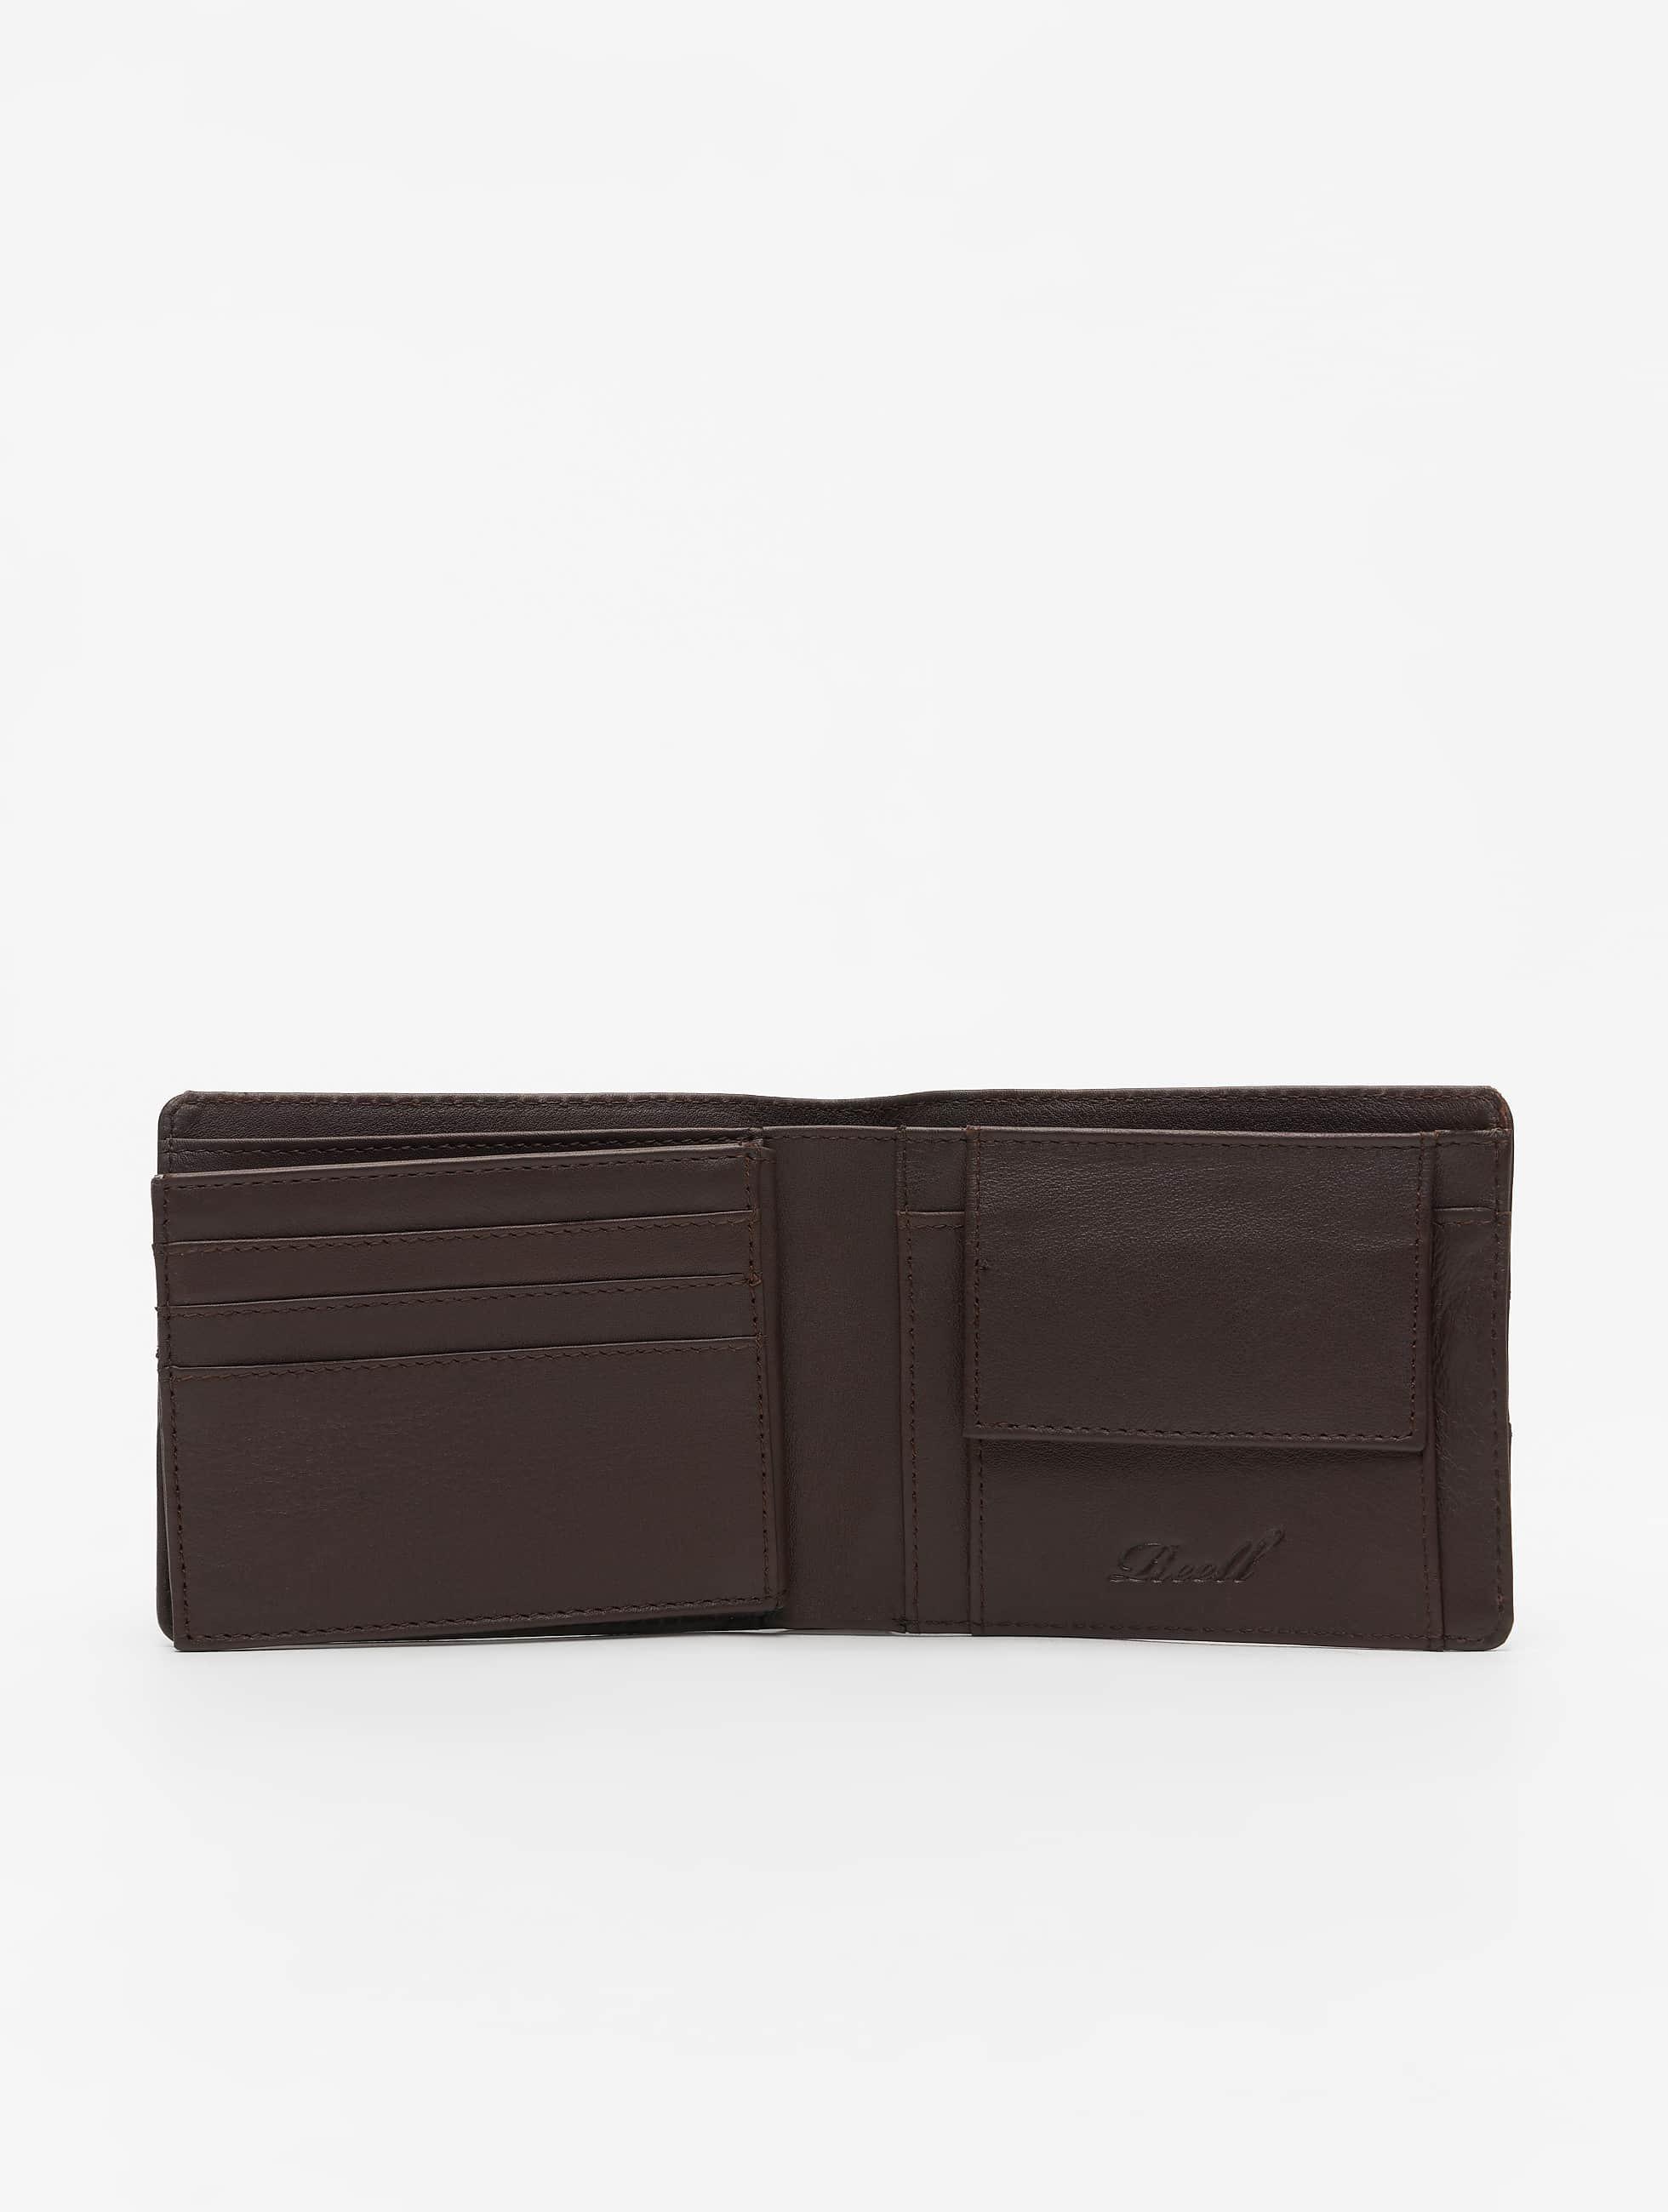 Reell Jeans Geldbeutel Strap Leather braun